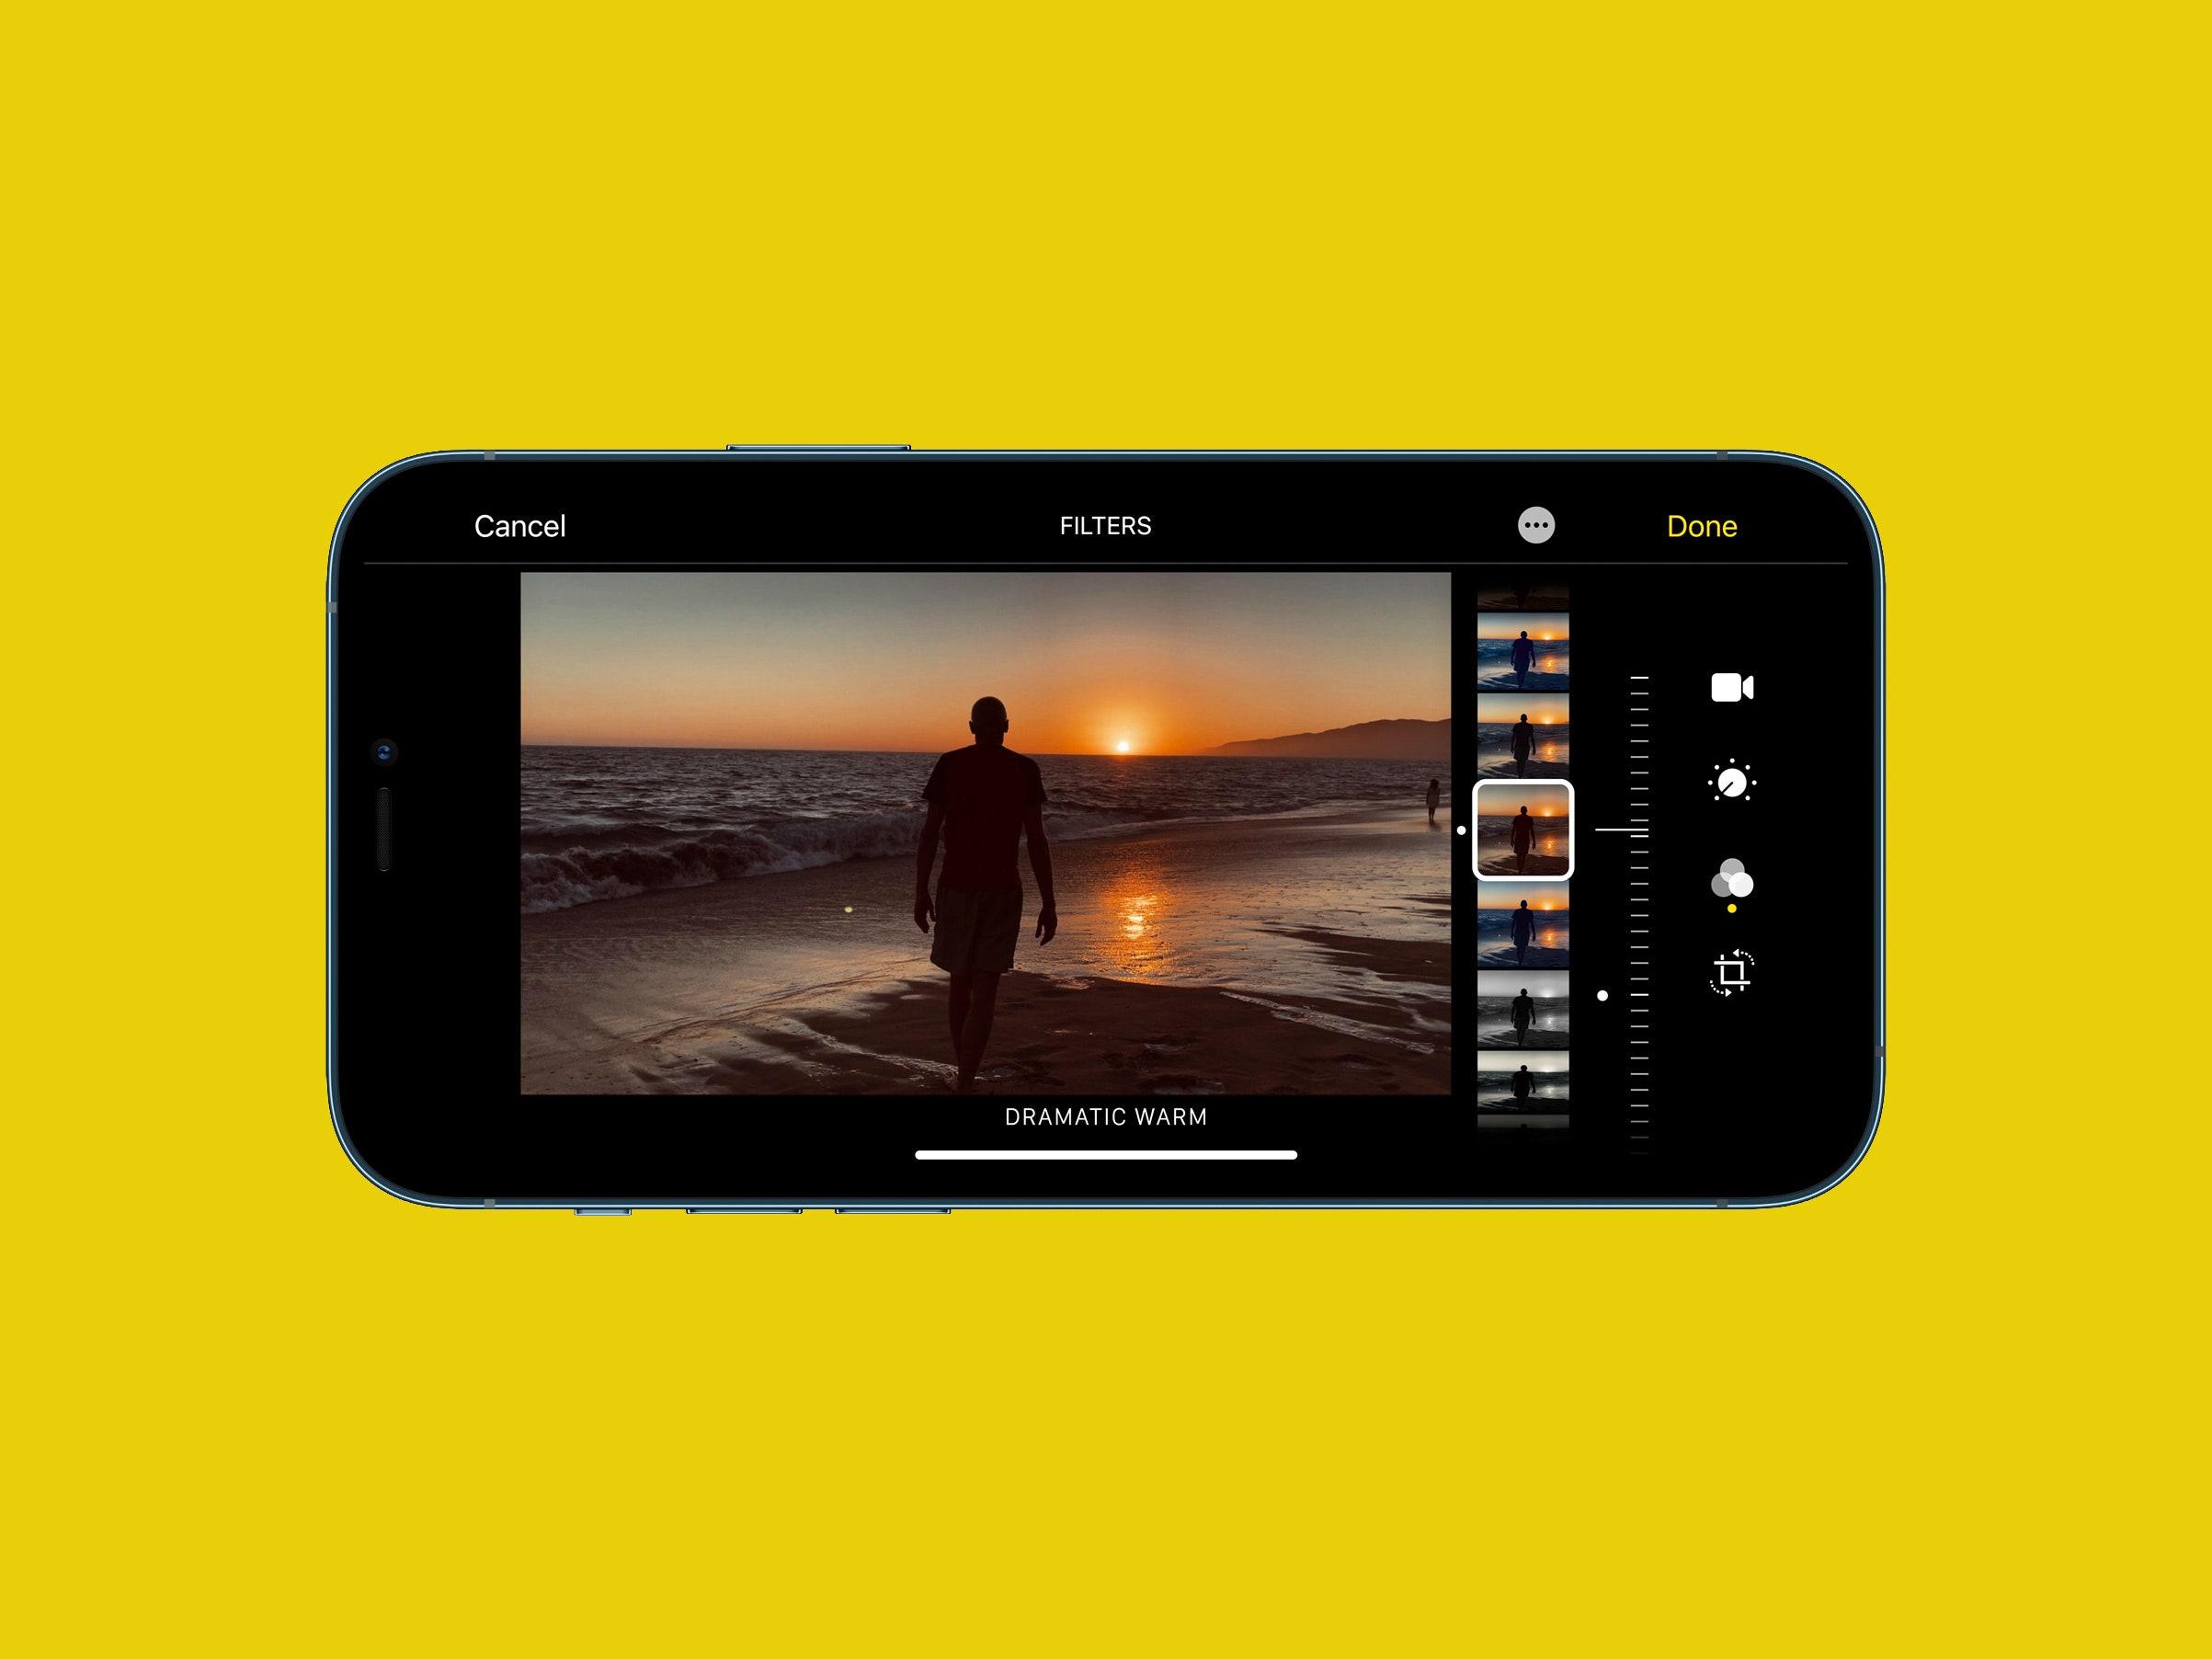 7 лучших приложений для редактирования фото со смартфона